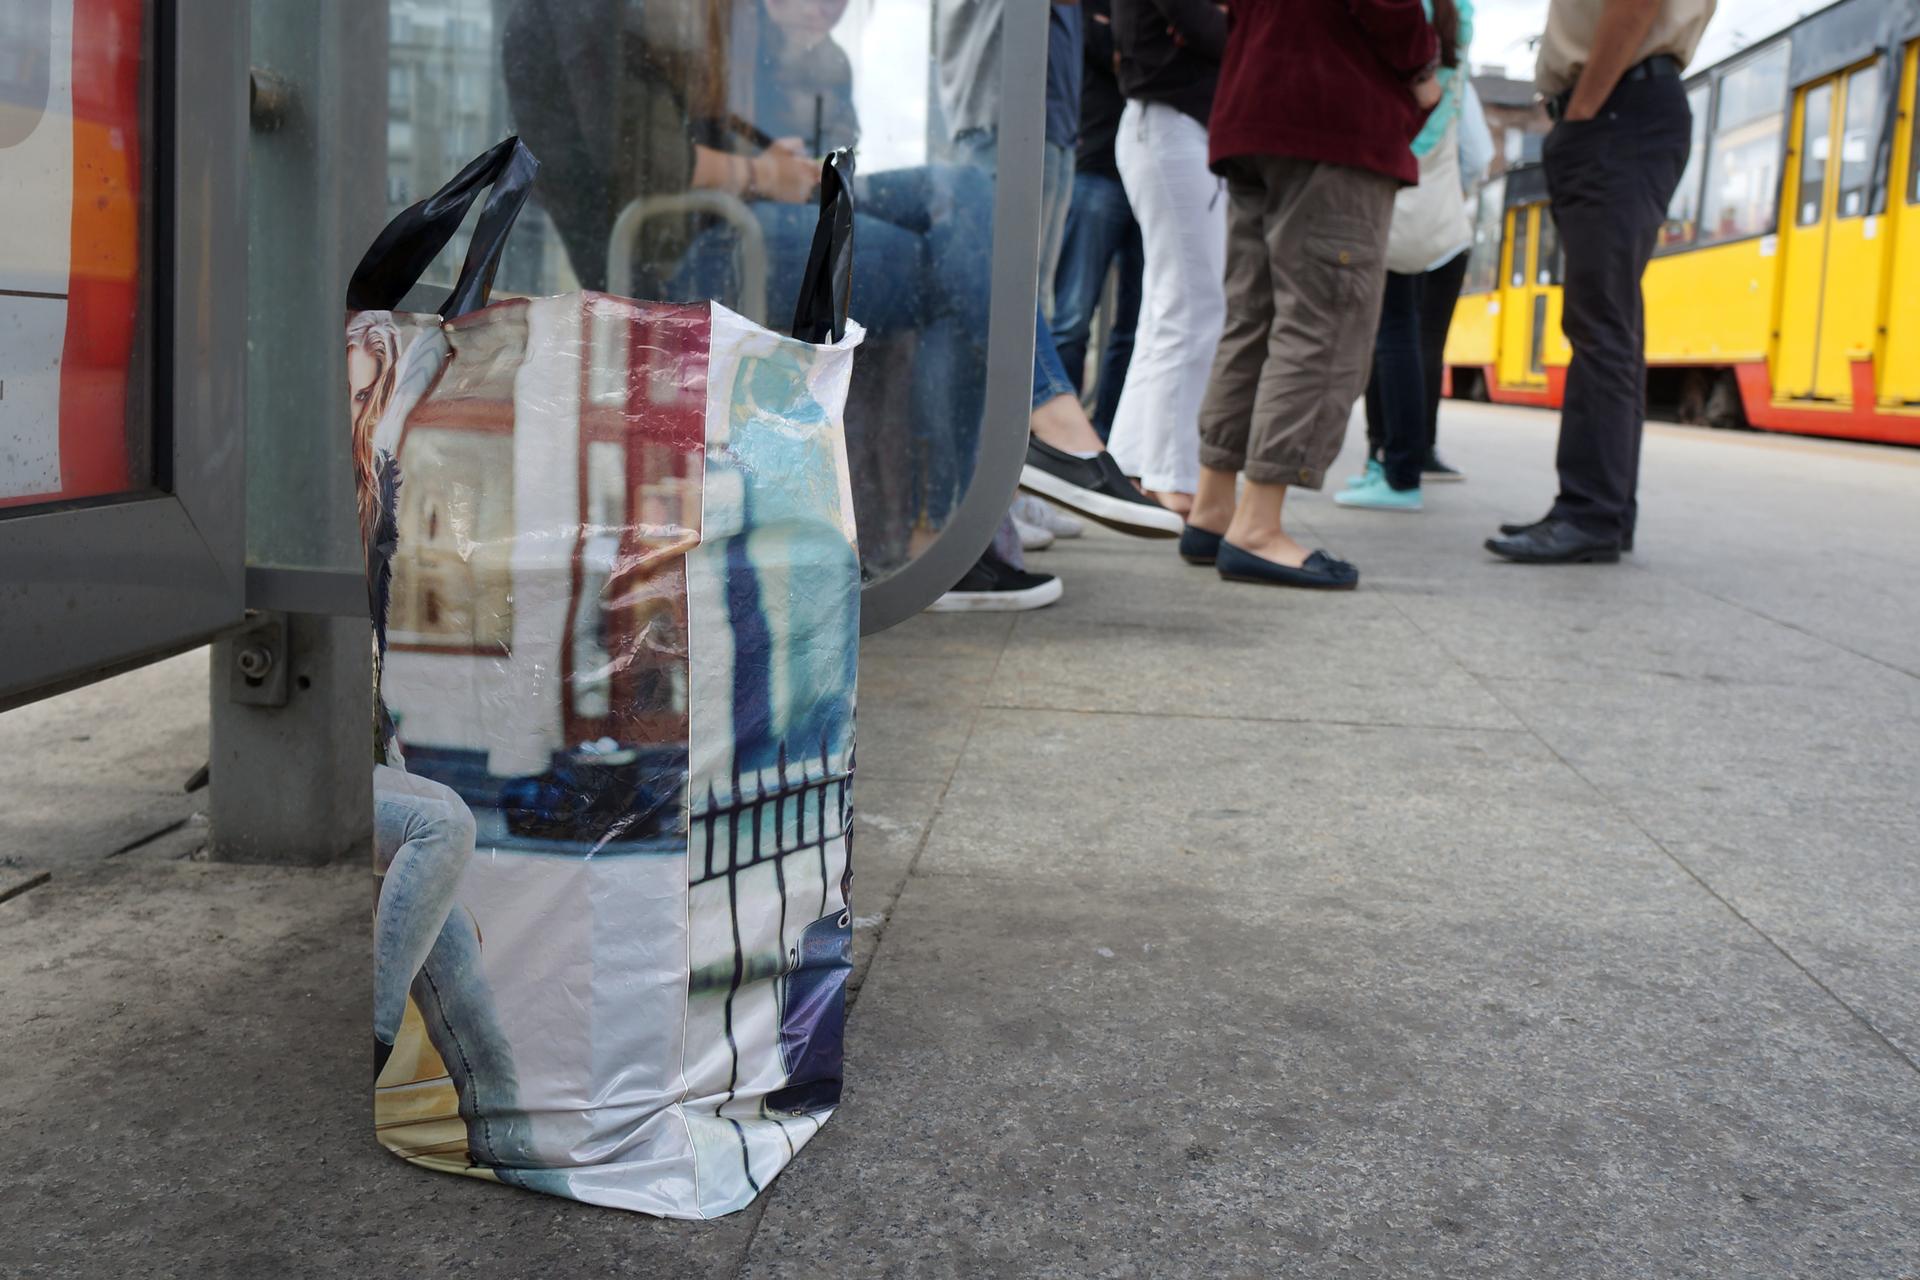 Zdjęcie przedstawia pozostawioną reklamówkę na przystanku tramwajowym. Reklamówka zawiera nieznaną zawartość. Wgłębi zdjęcia czekający pasażerowie. Po prawej stronie zdjęcia żółto-czerwony tramwaj.